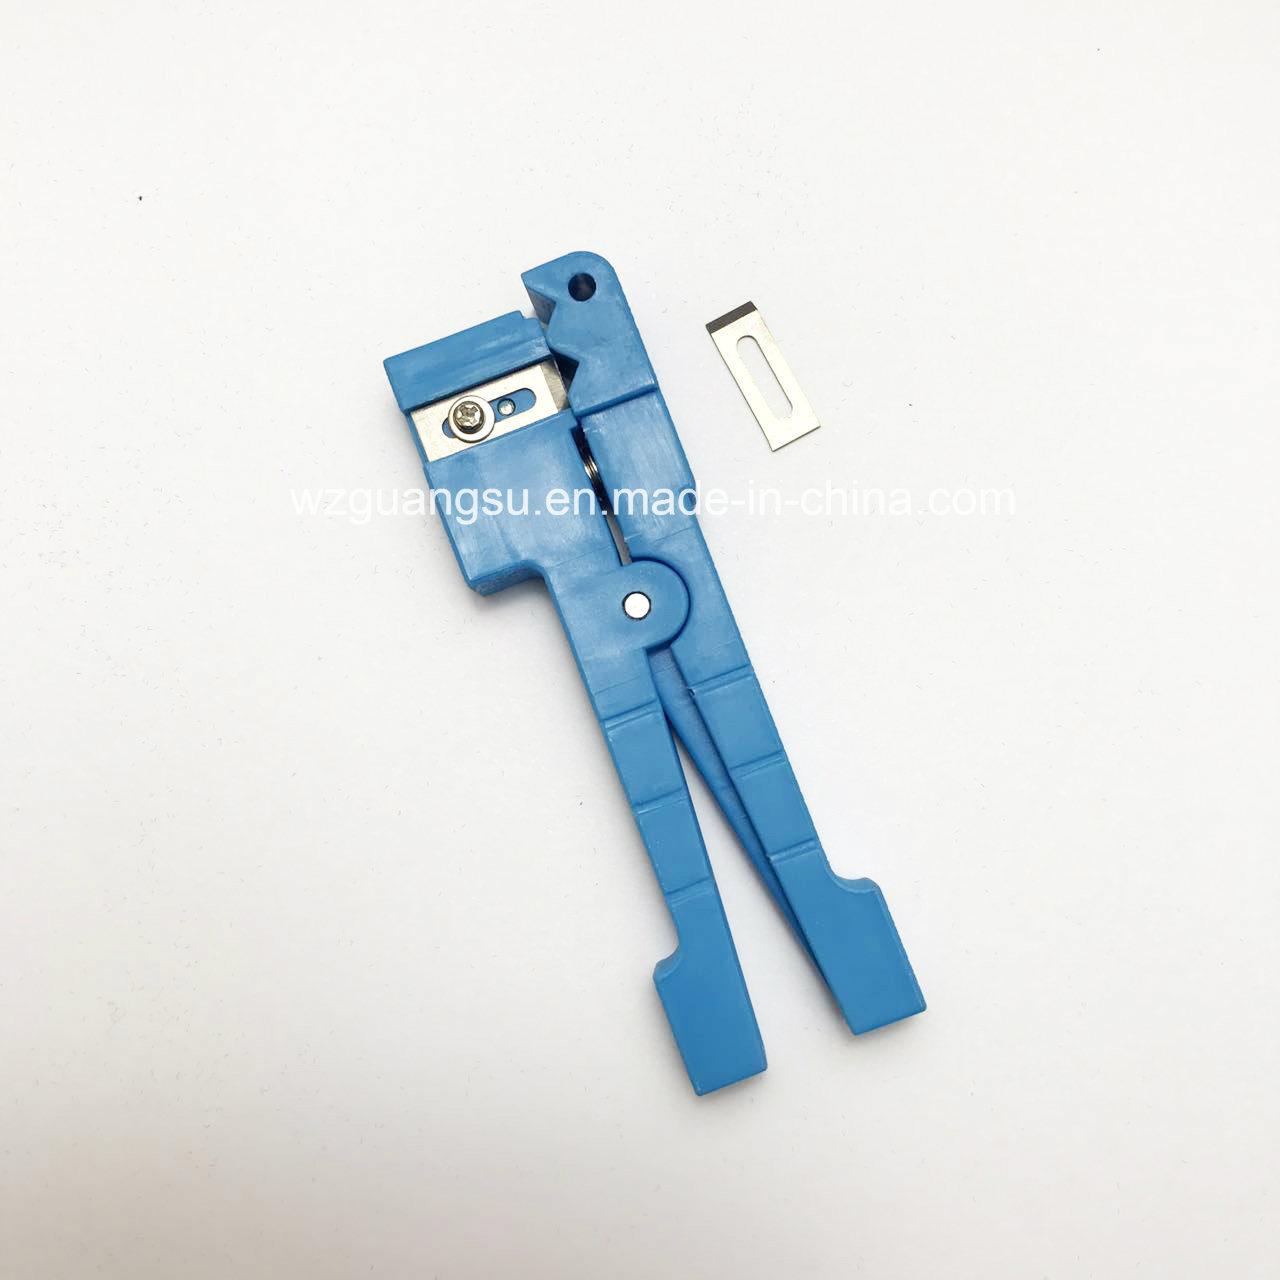 Optical Fiber Jacket Stripper for Strip Fiber Cable (G&T45-162)